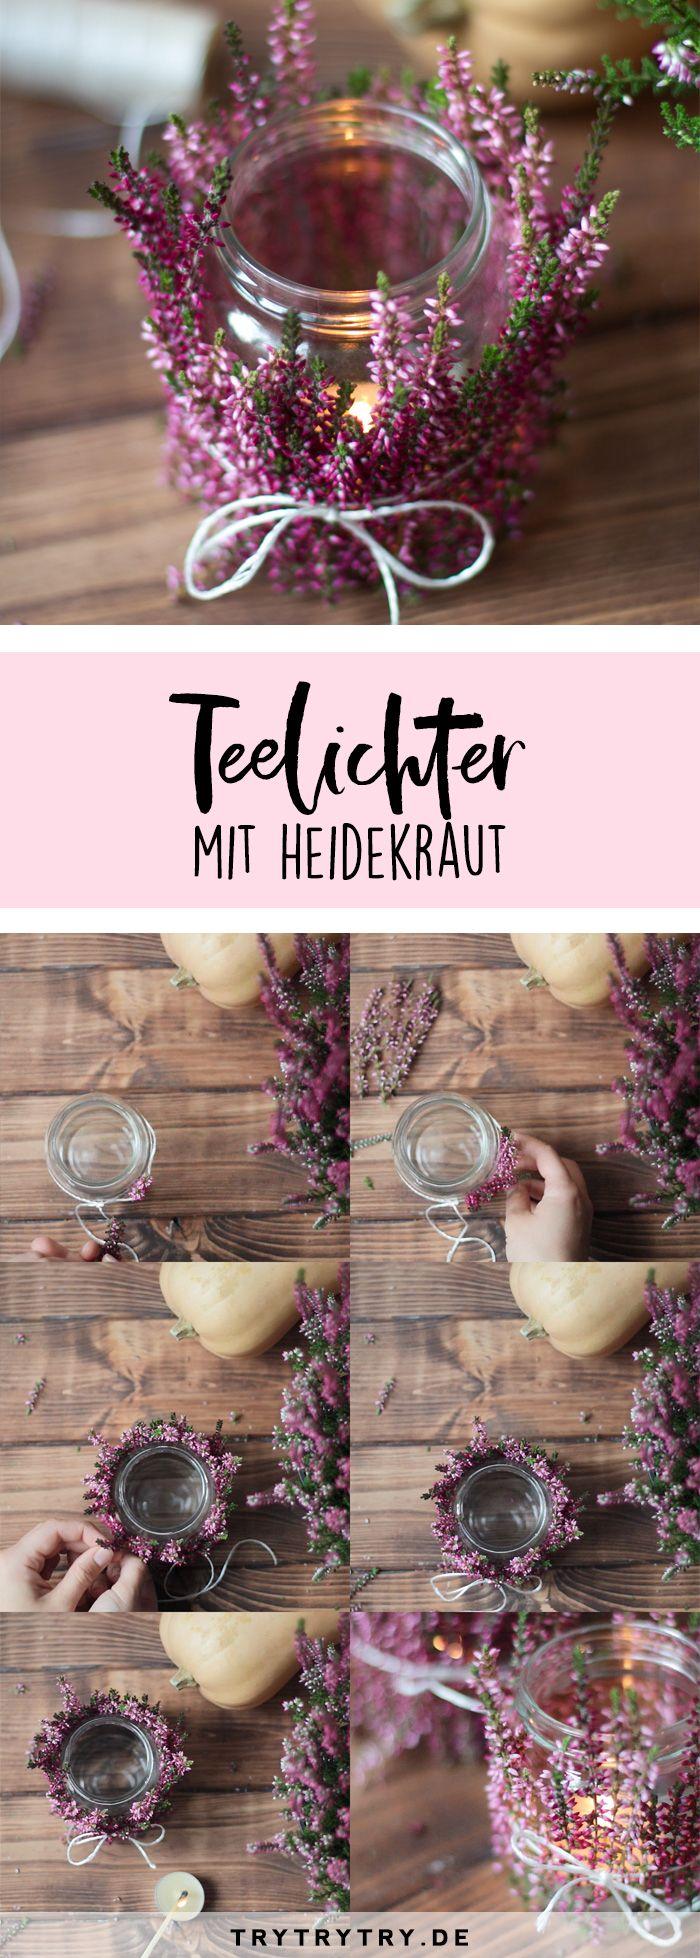 DIY Herbstdeko – Teelichter mit Heidekraut. Super einfache Bastelanleitung für …